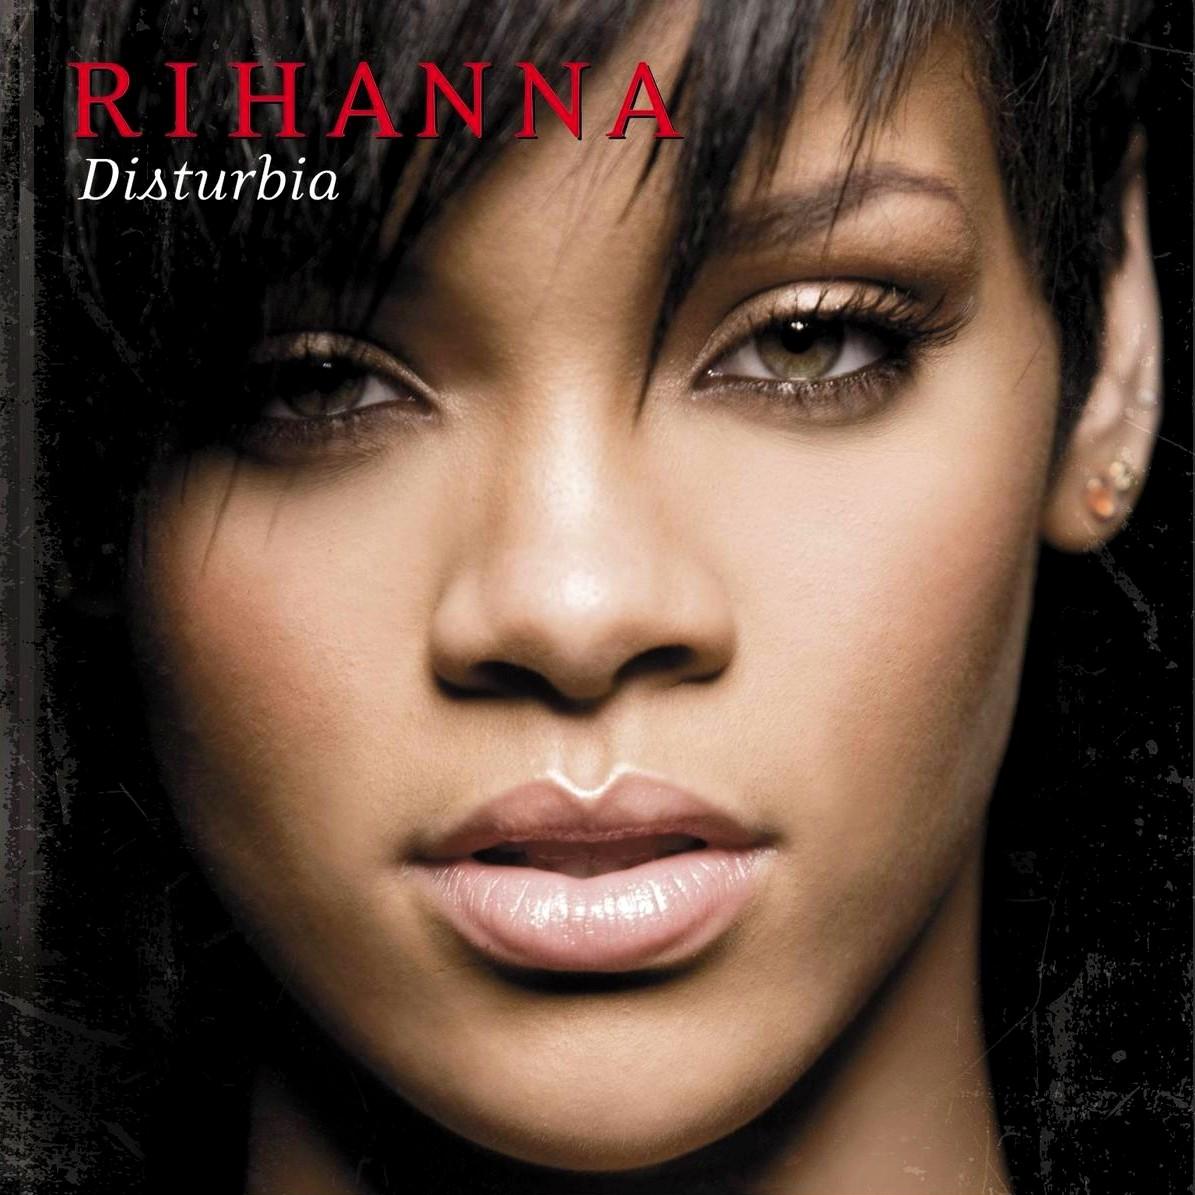 Disturbia Rihanna Cover Just Rihanna: Disturbi...